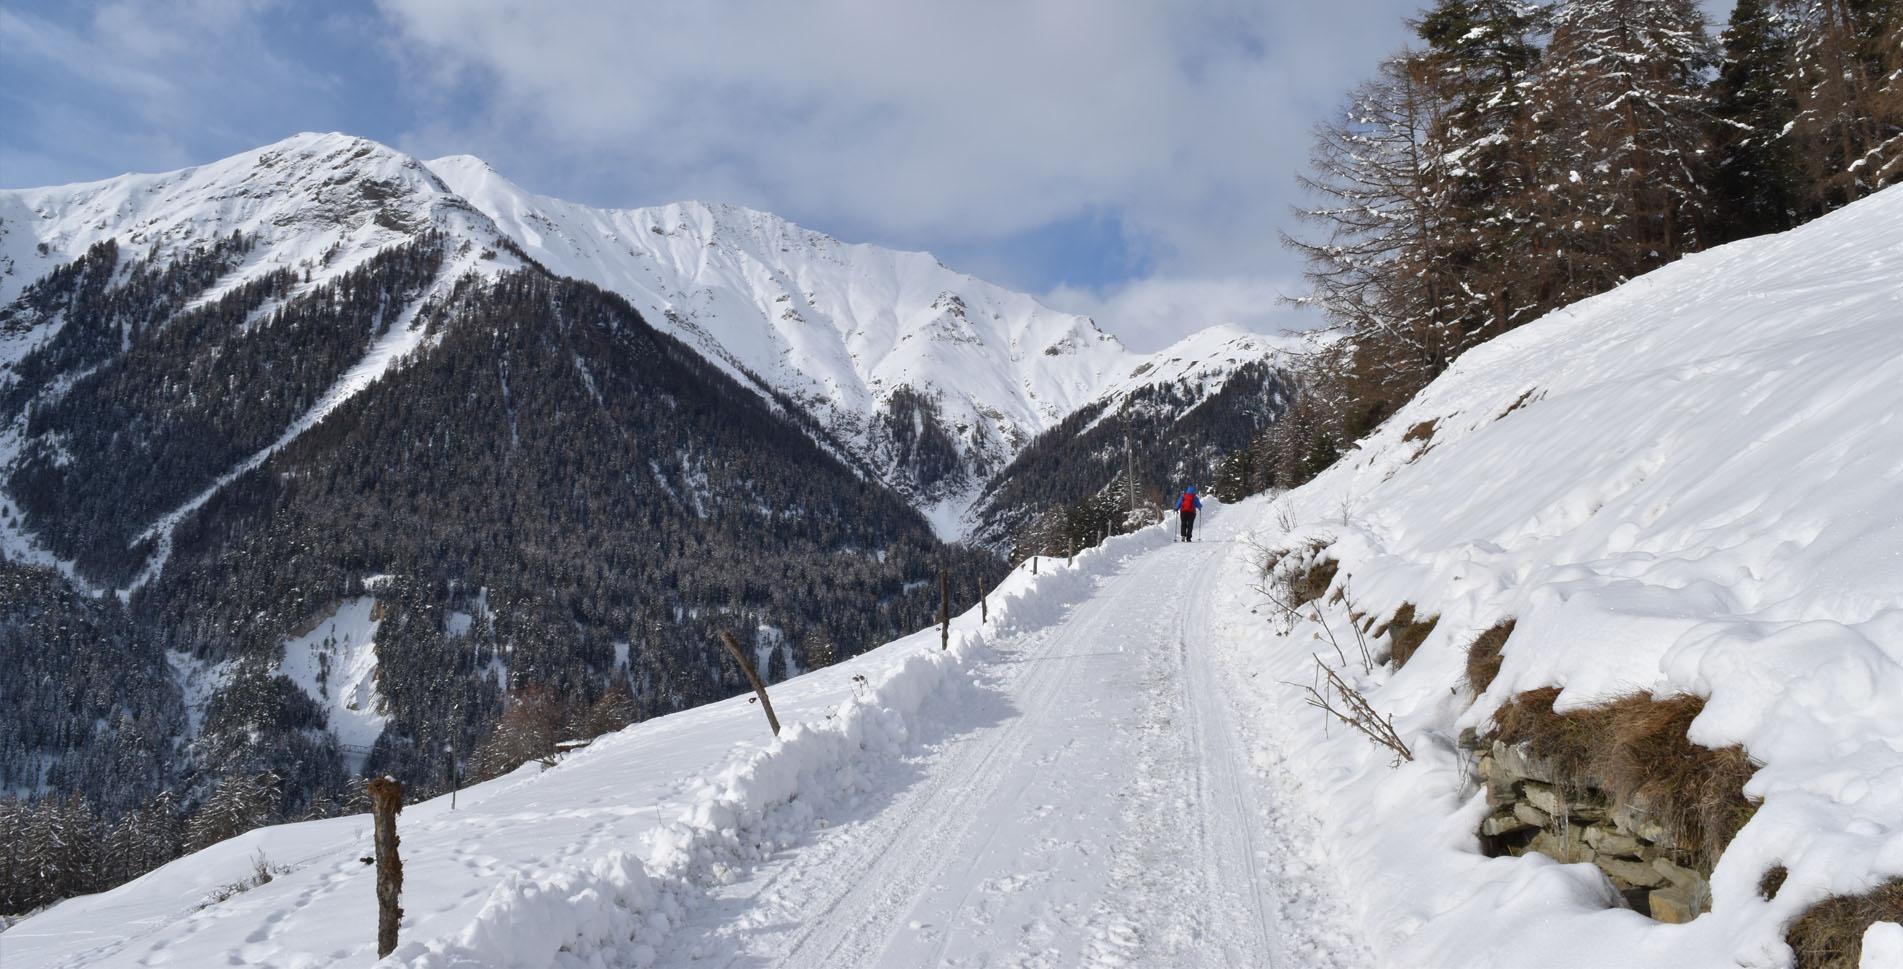 Winterwanderung im Val Sinestra, nähe Scuol im Unterengadin, von Vnà zum historischen Hof Zuort und wieder zurück nach Vnà mit der Möglichkeit von dort nach Ramosch hinunter zu schlitteln.